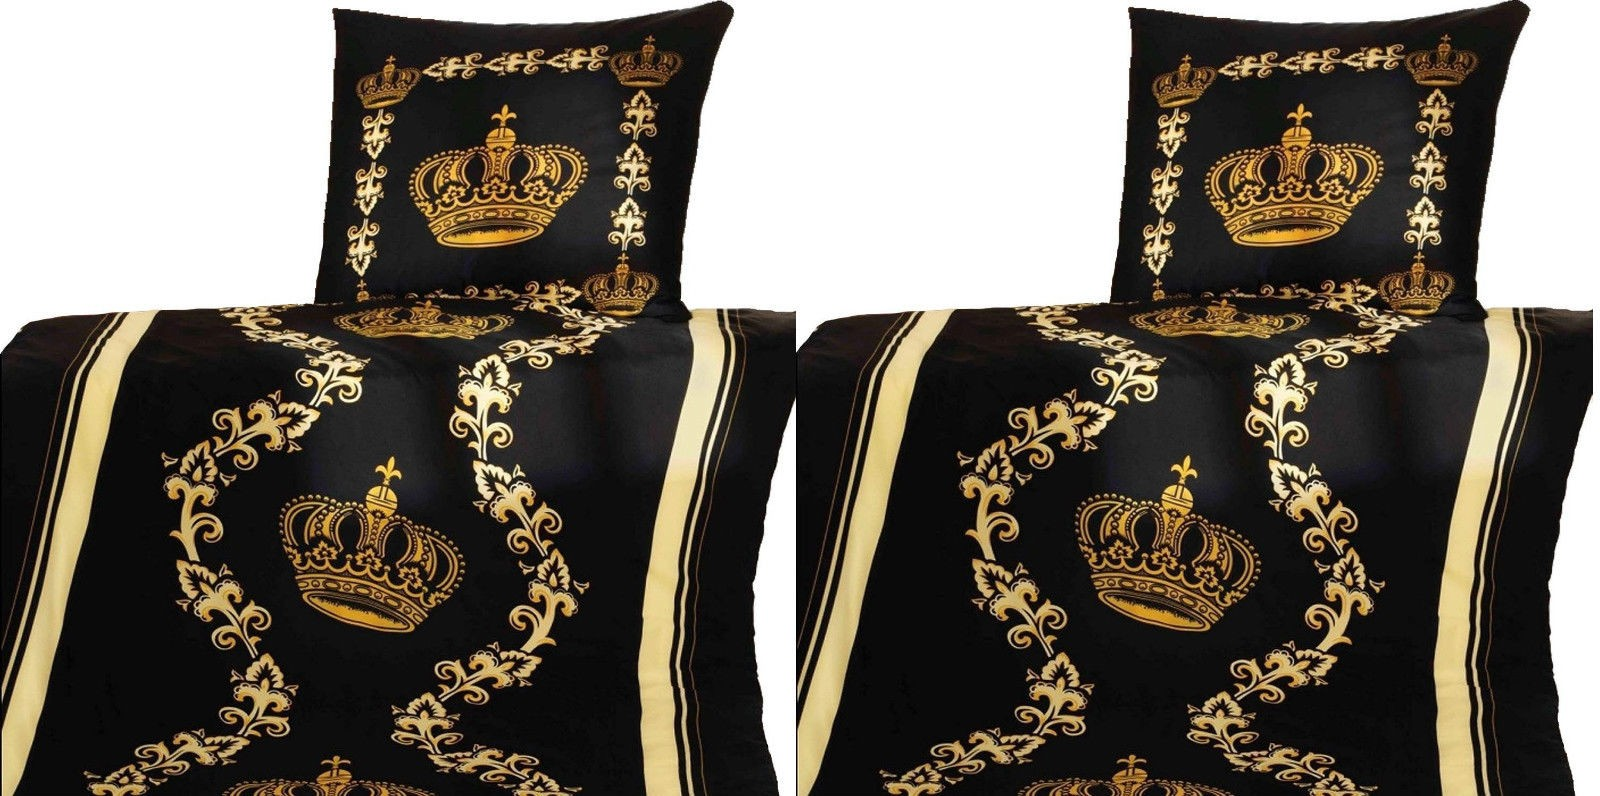 2x Bettwäschegarnituren 2tlg. Microfaser Gold Kronen-DesignTop-Qualität Bettbezug 135x200 cm/Kissen 80x80 cm